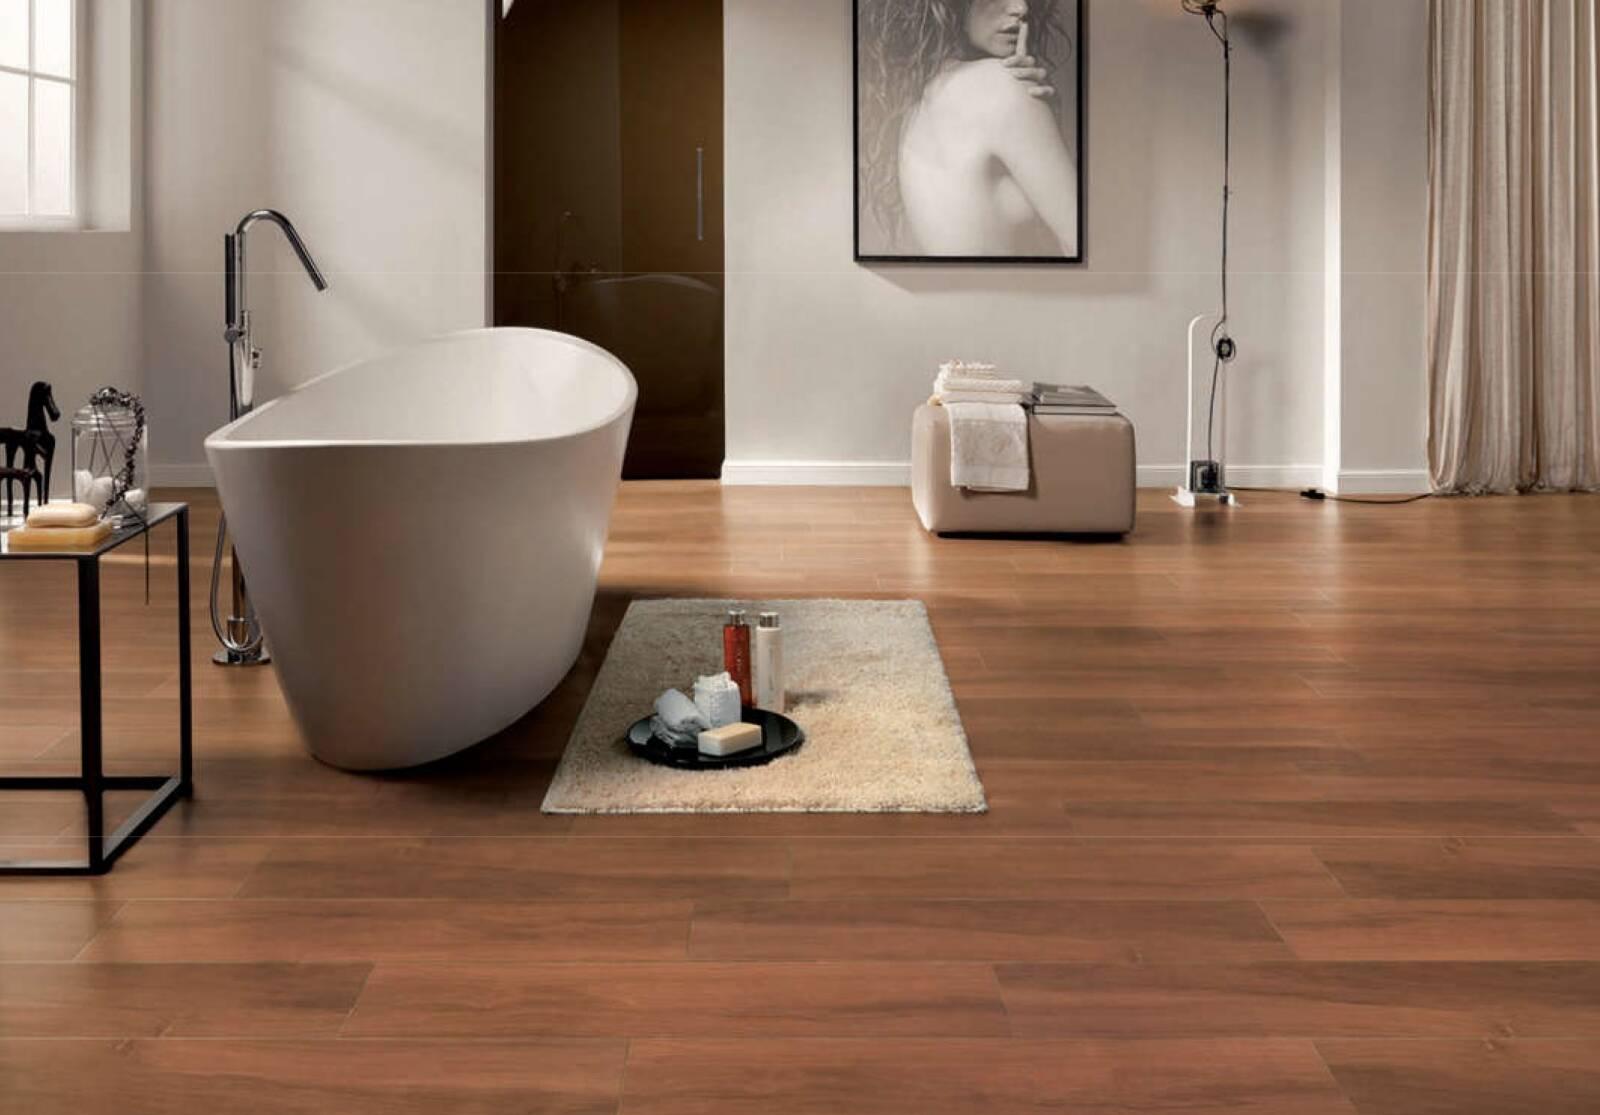 hình ảnh phòng tắm với sàn lát gạch vân gỗ, bồn tắm màu trắng đặt cạnh cửa sổ kính